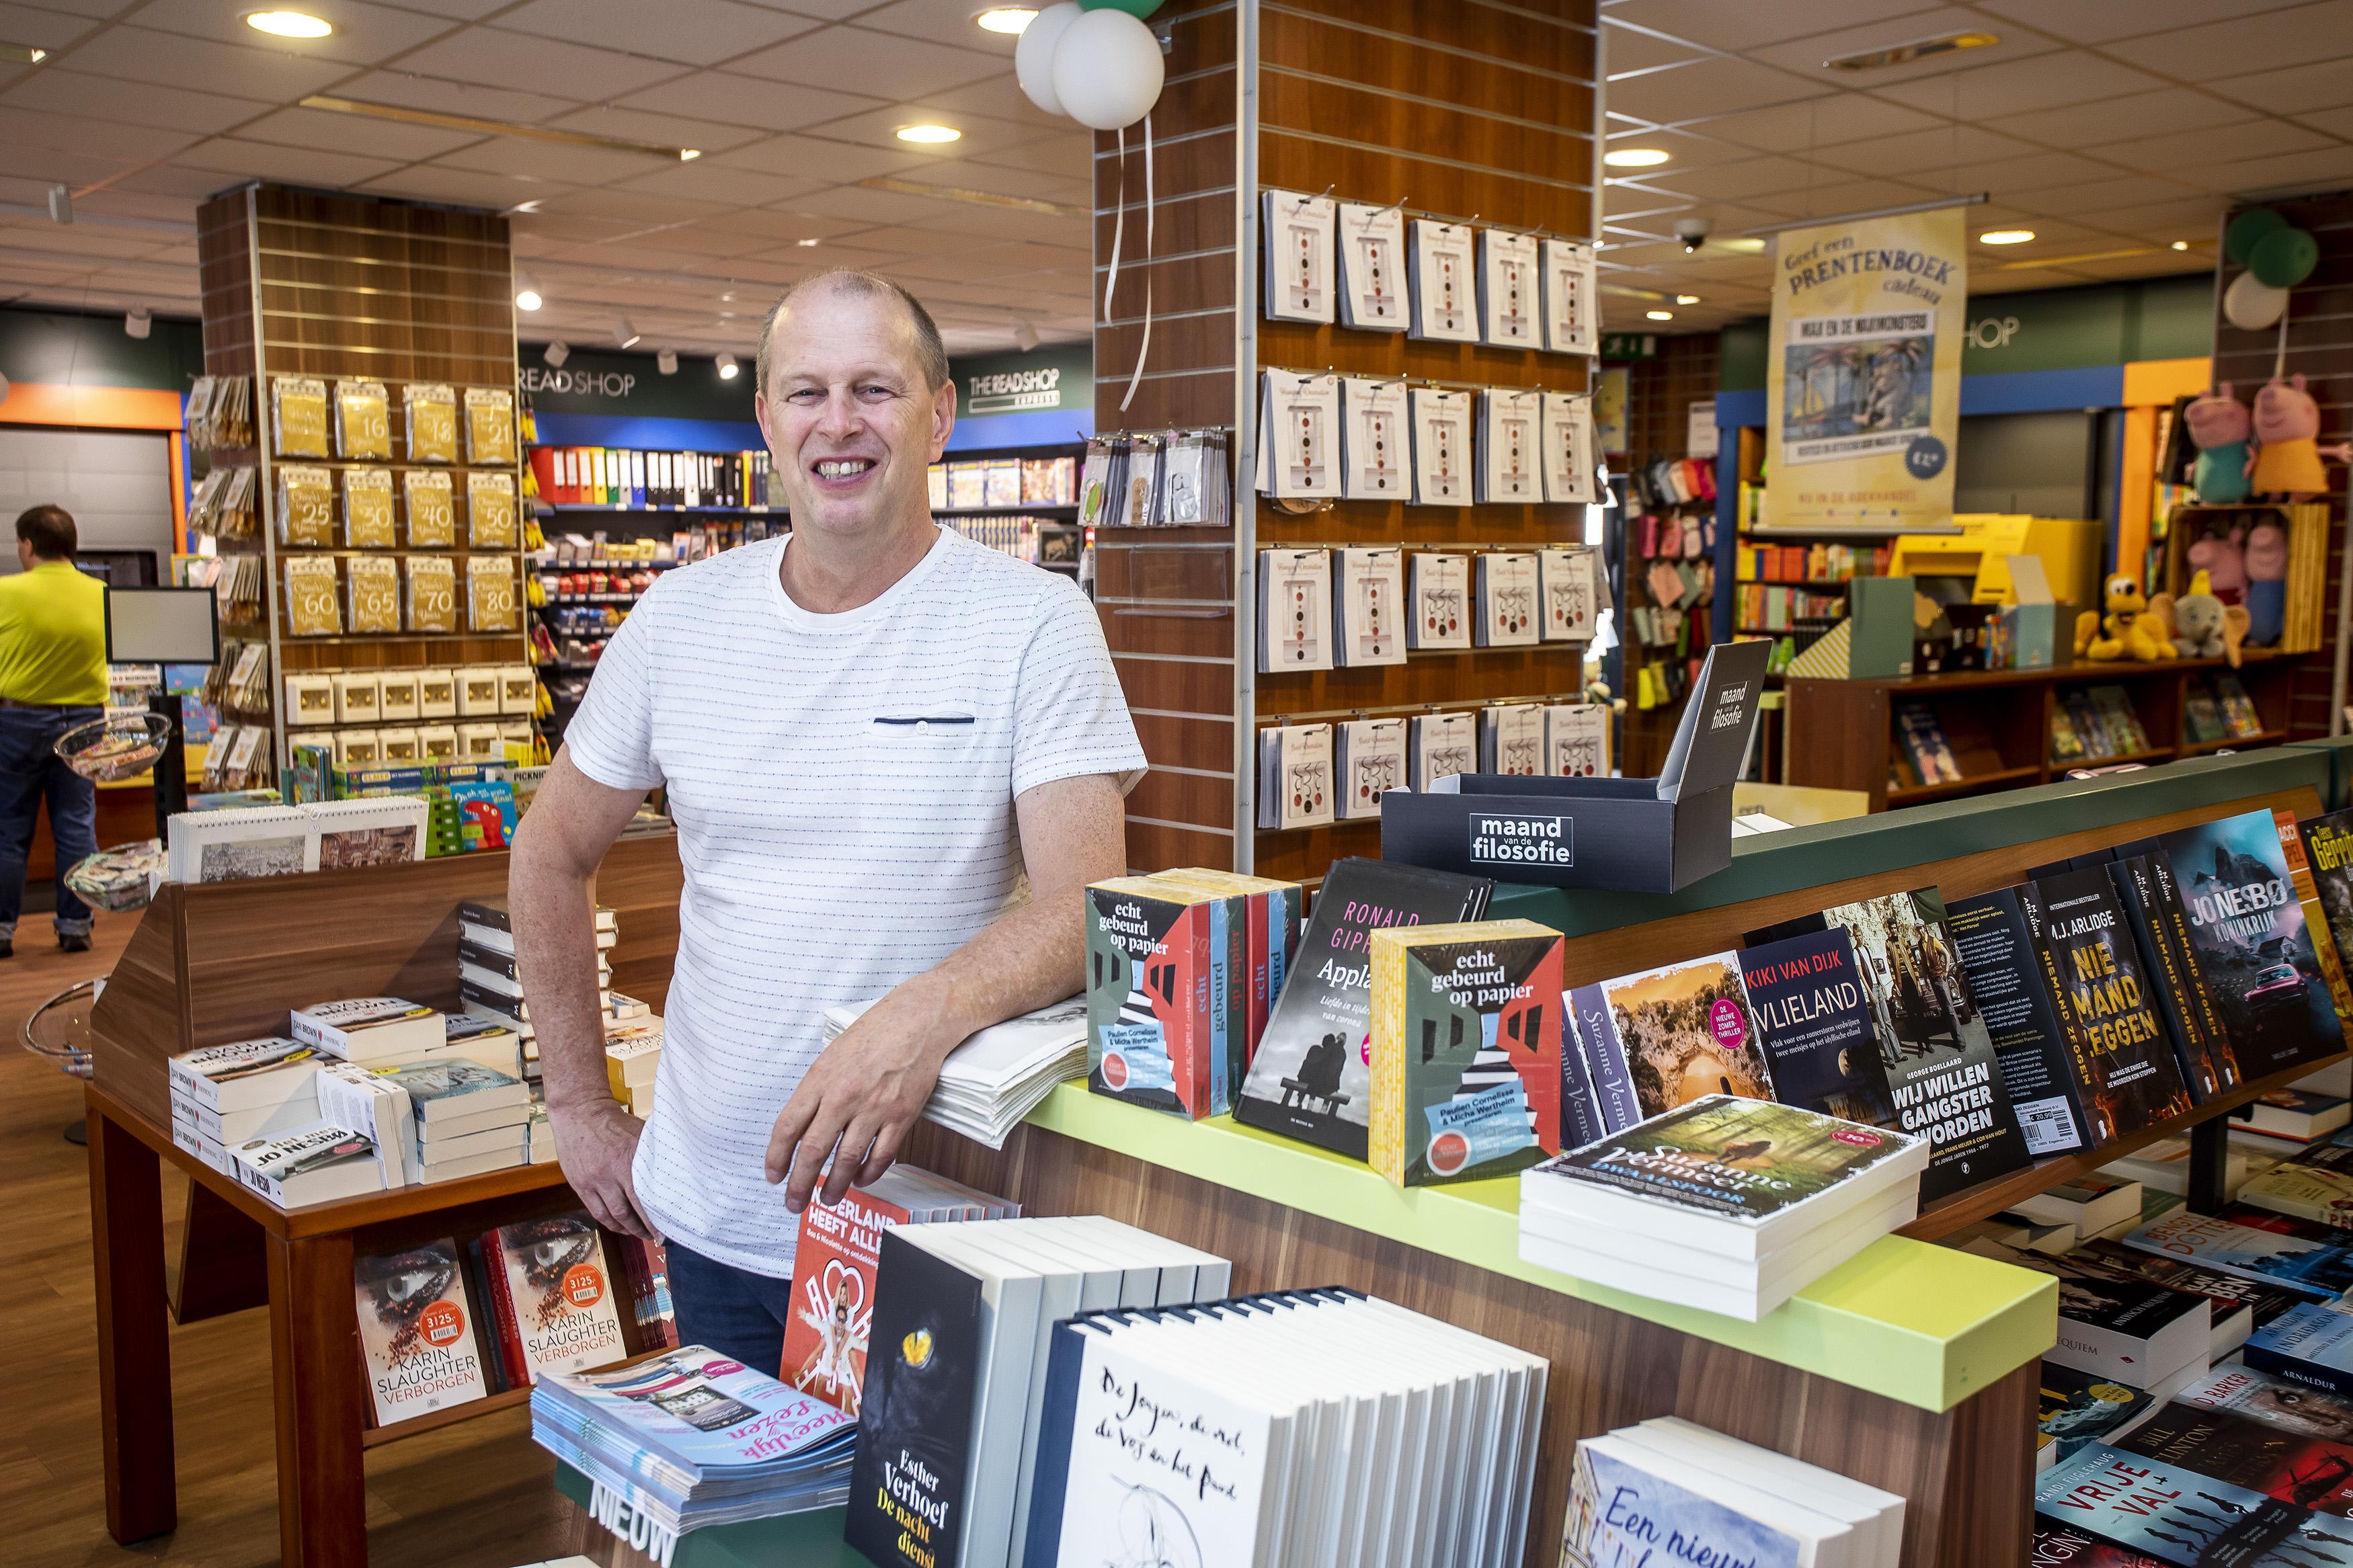 Meer ruimte voor de klanten, een ruimere presentatie en een groter assortiment. The Read Shop in IJmuiden heeft een ingrijpende verbouwing ondergaan